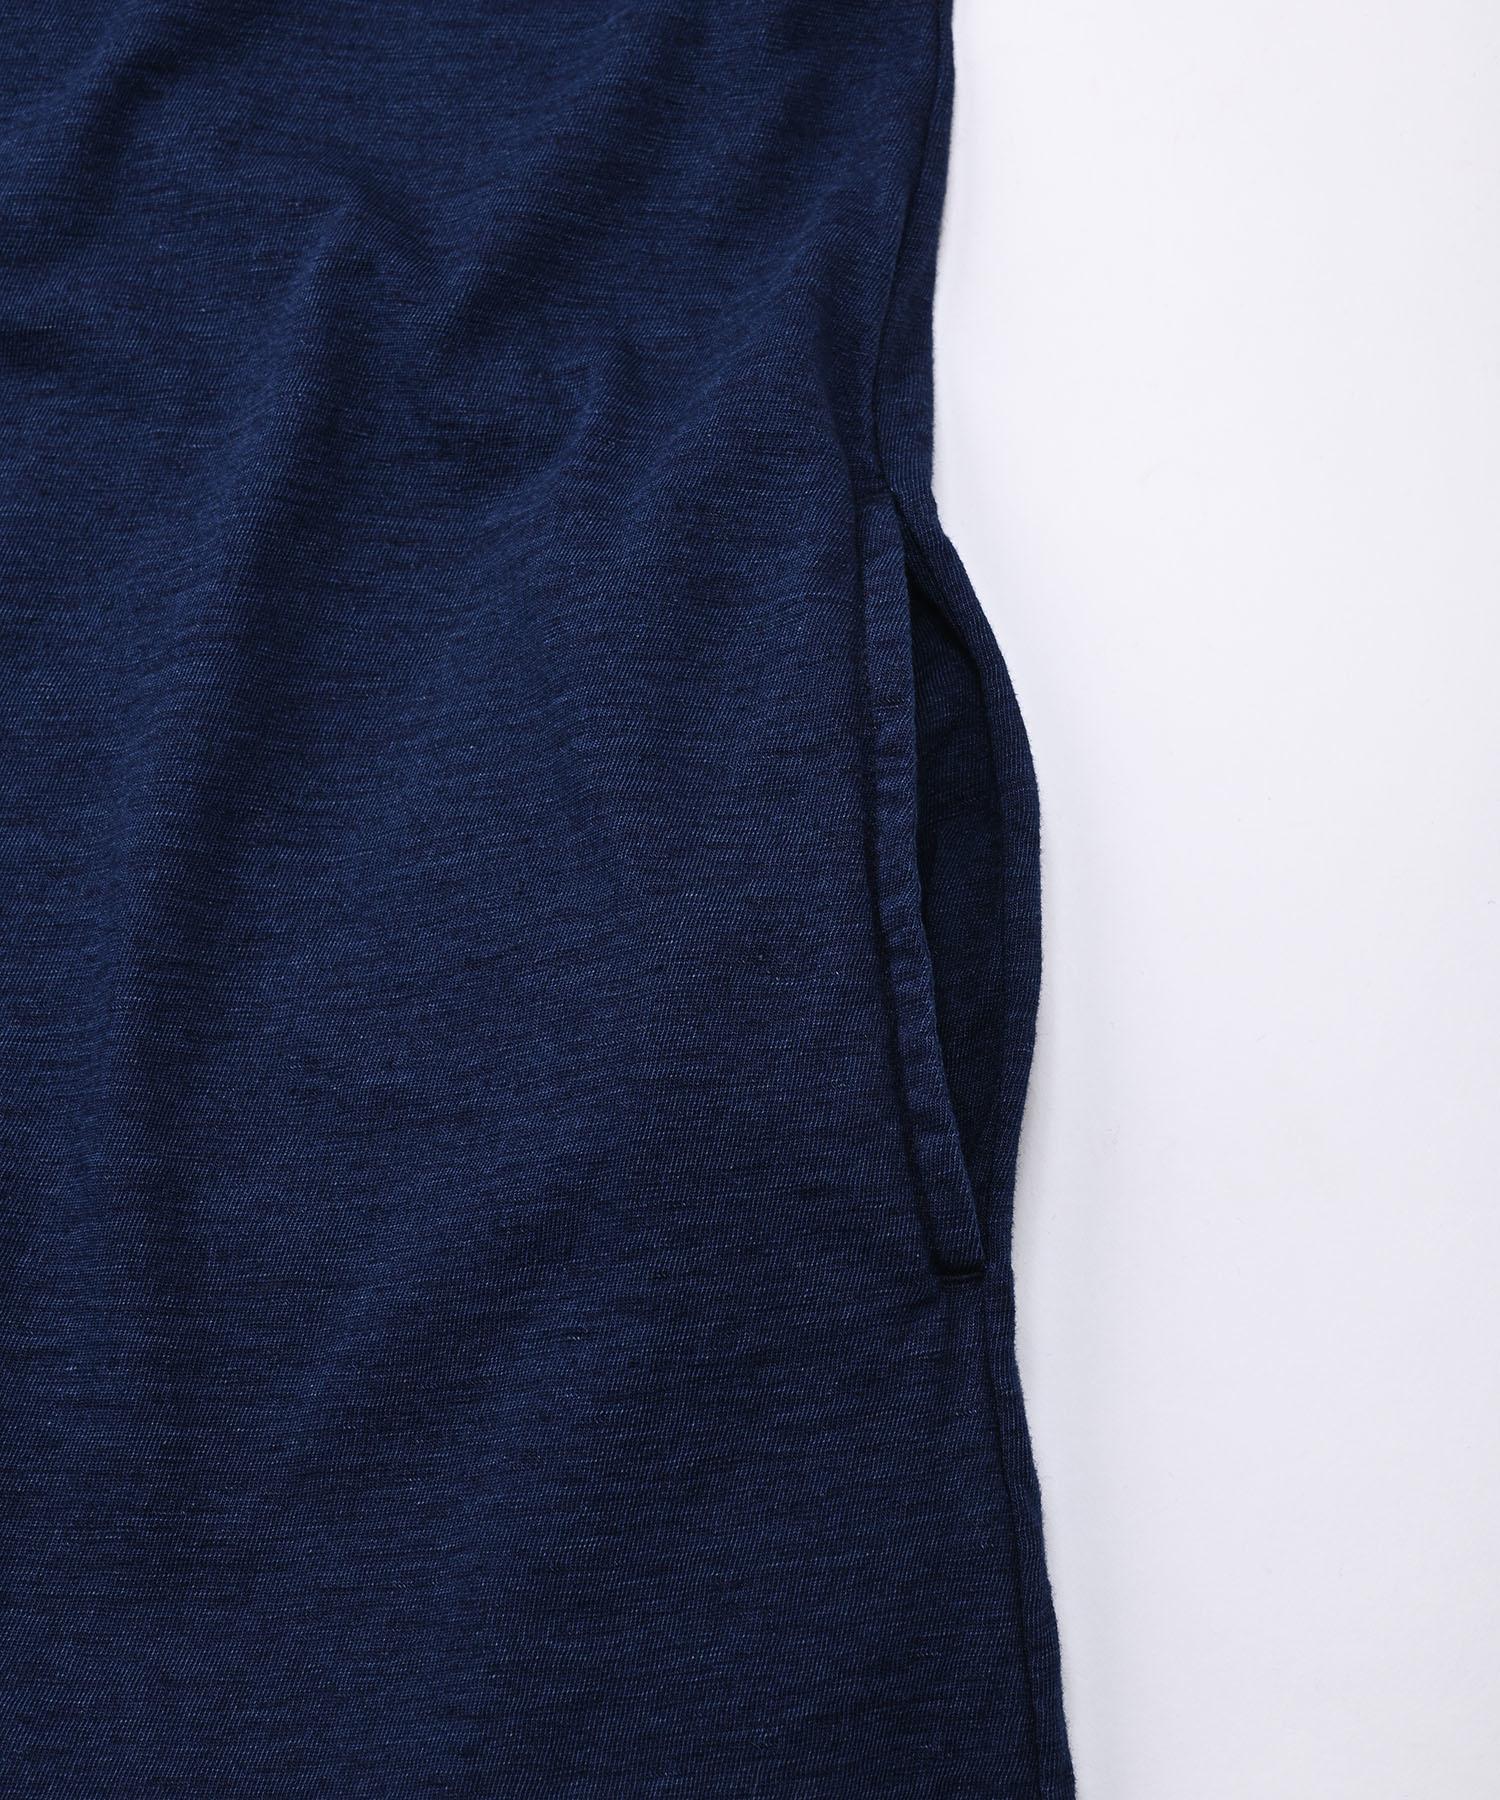 Indigo Zimbabwe Cotton Umahiko Dress (0421)-12